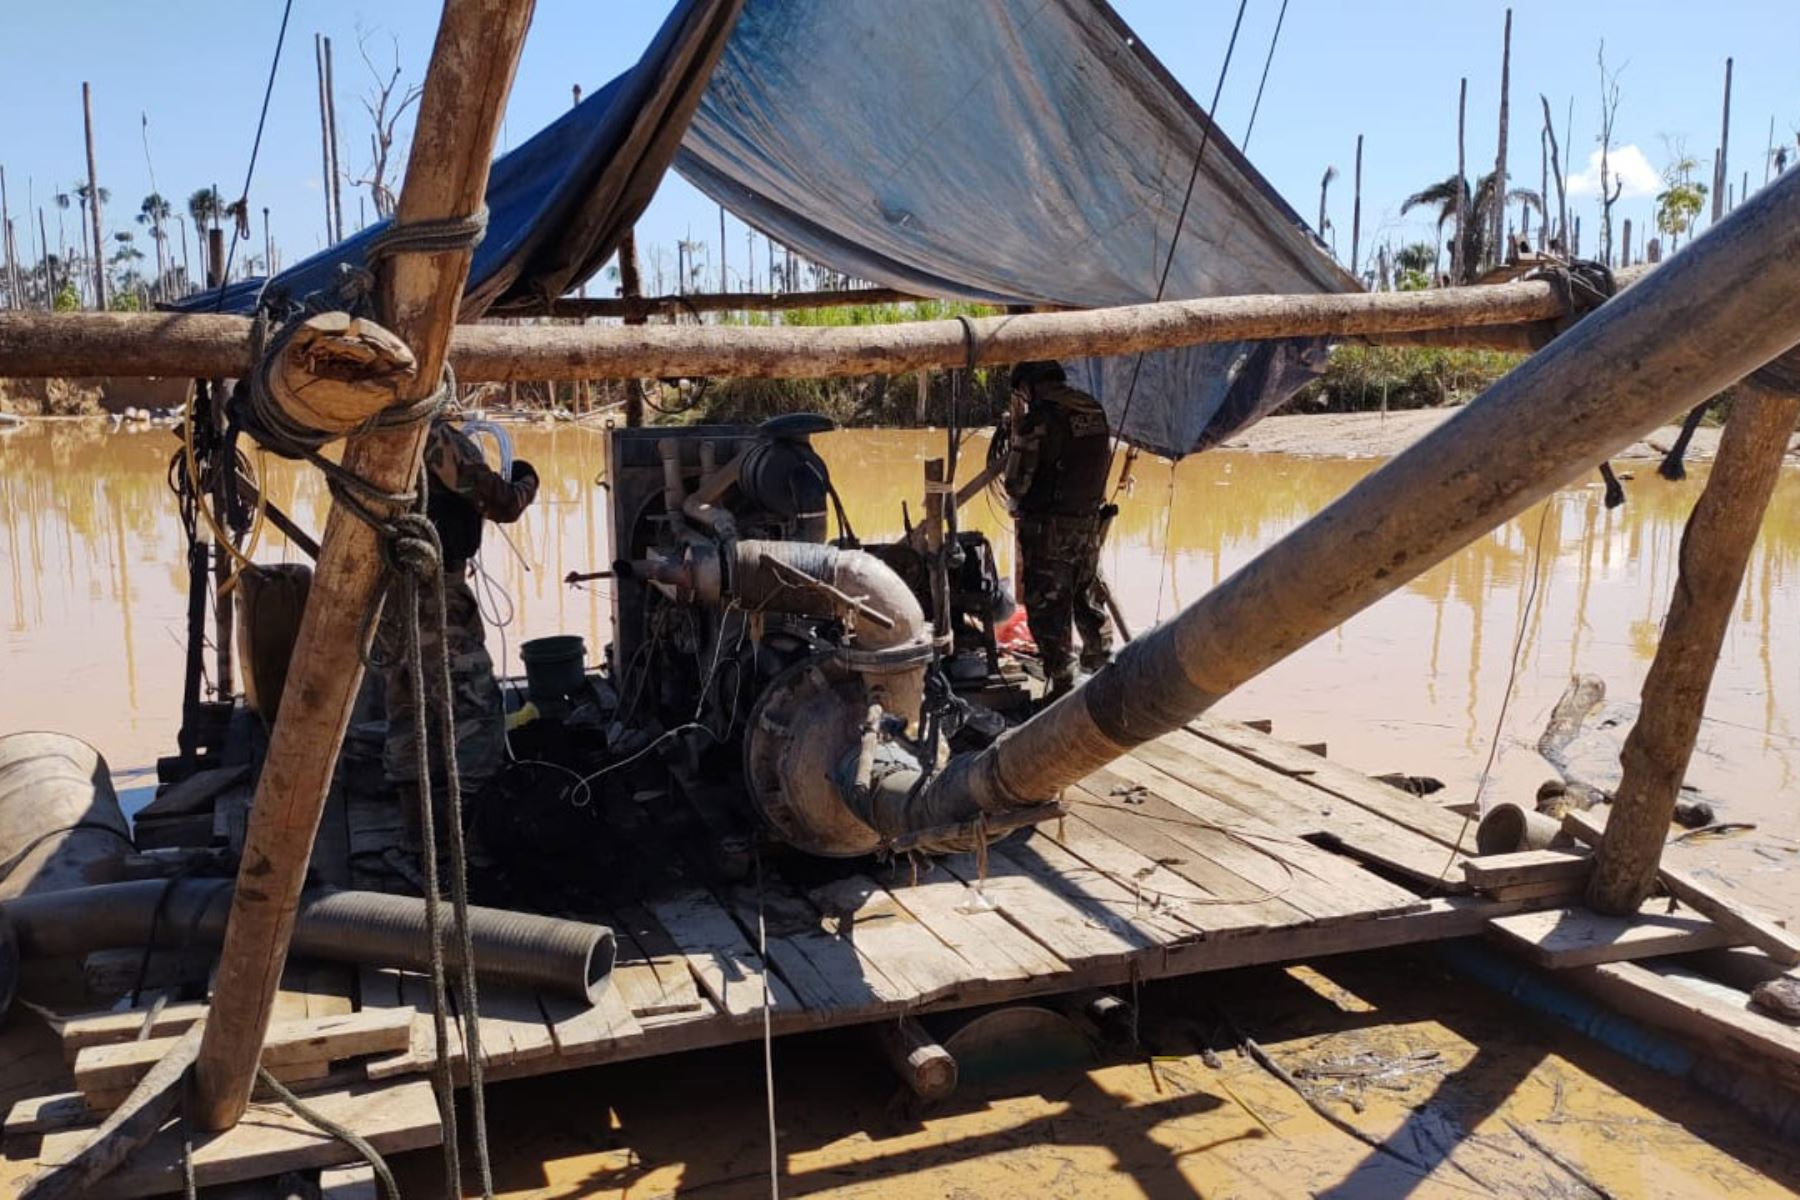 En la zona, se halló bienes destinados a la minería ilegal como 11 balsas, 19 motores, 11 caballetes metálicos, 11 bombas de succión, 200 tubos metálicos, etc  Foto: Policía Nacional de Perú